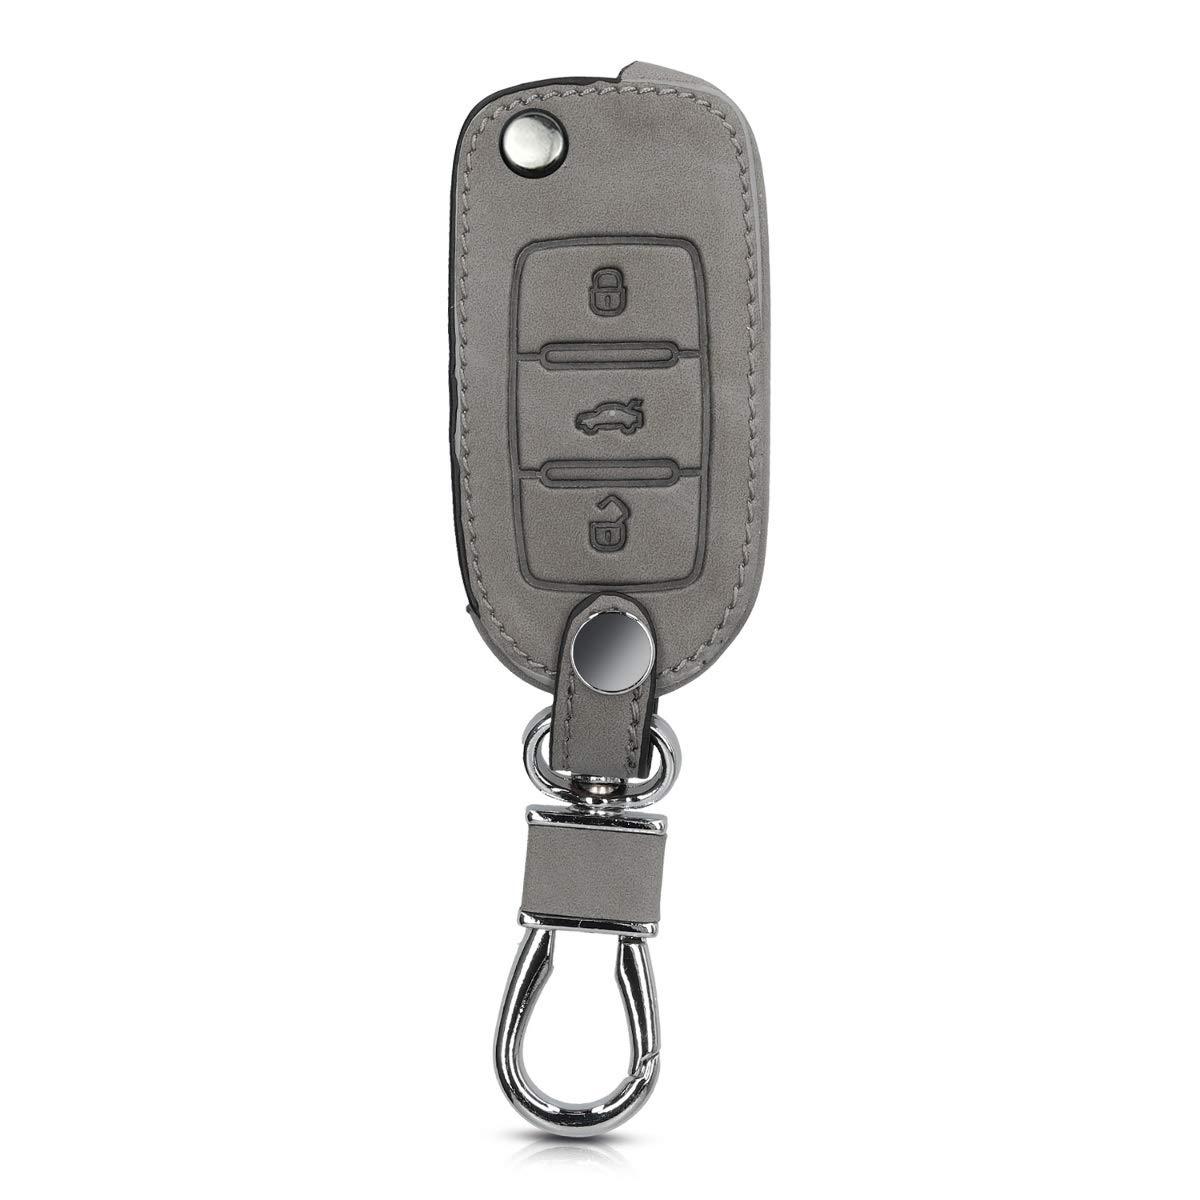 kwmobile Funda para VW Skoda Seat Gris Carcasa de Piel de Nobuck sint/ética para Mando de Coche Llave de 3 Botones para Coche VW Skoda Seat